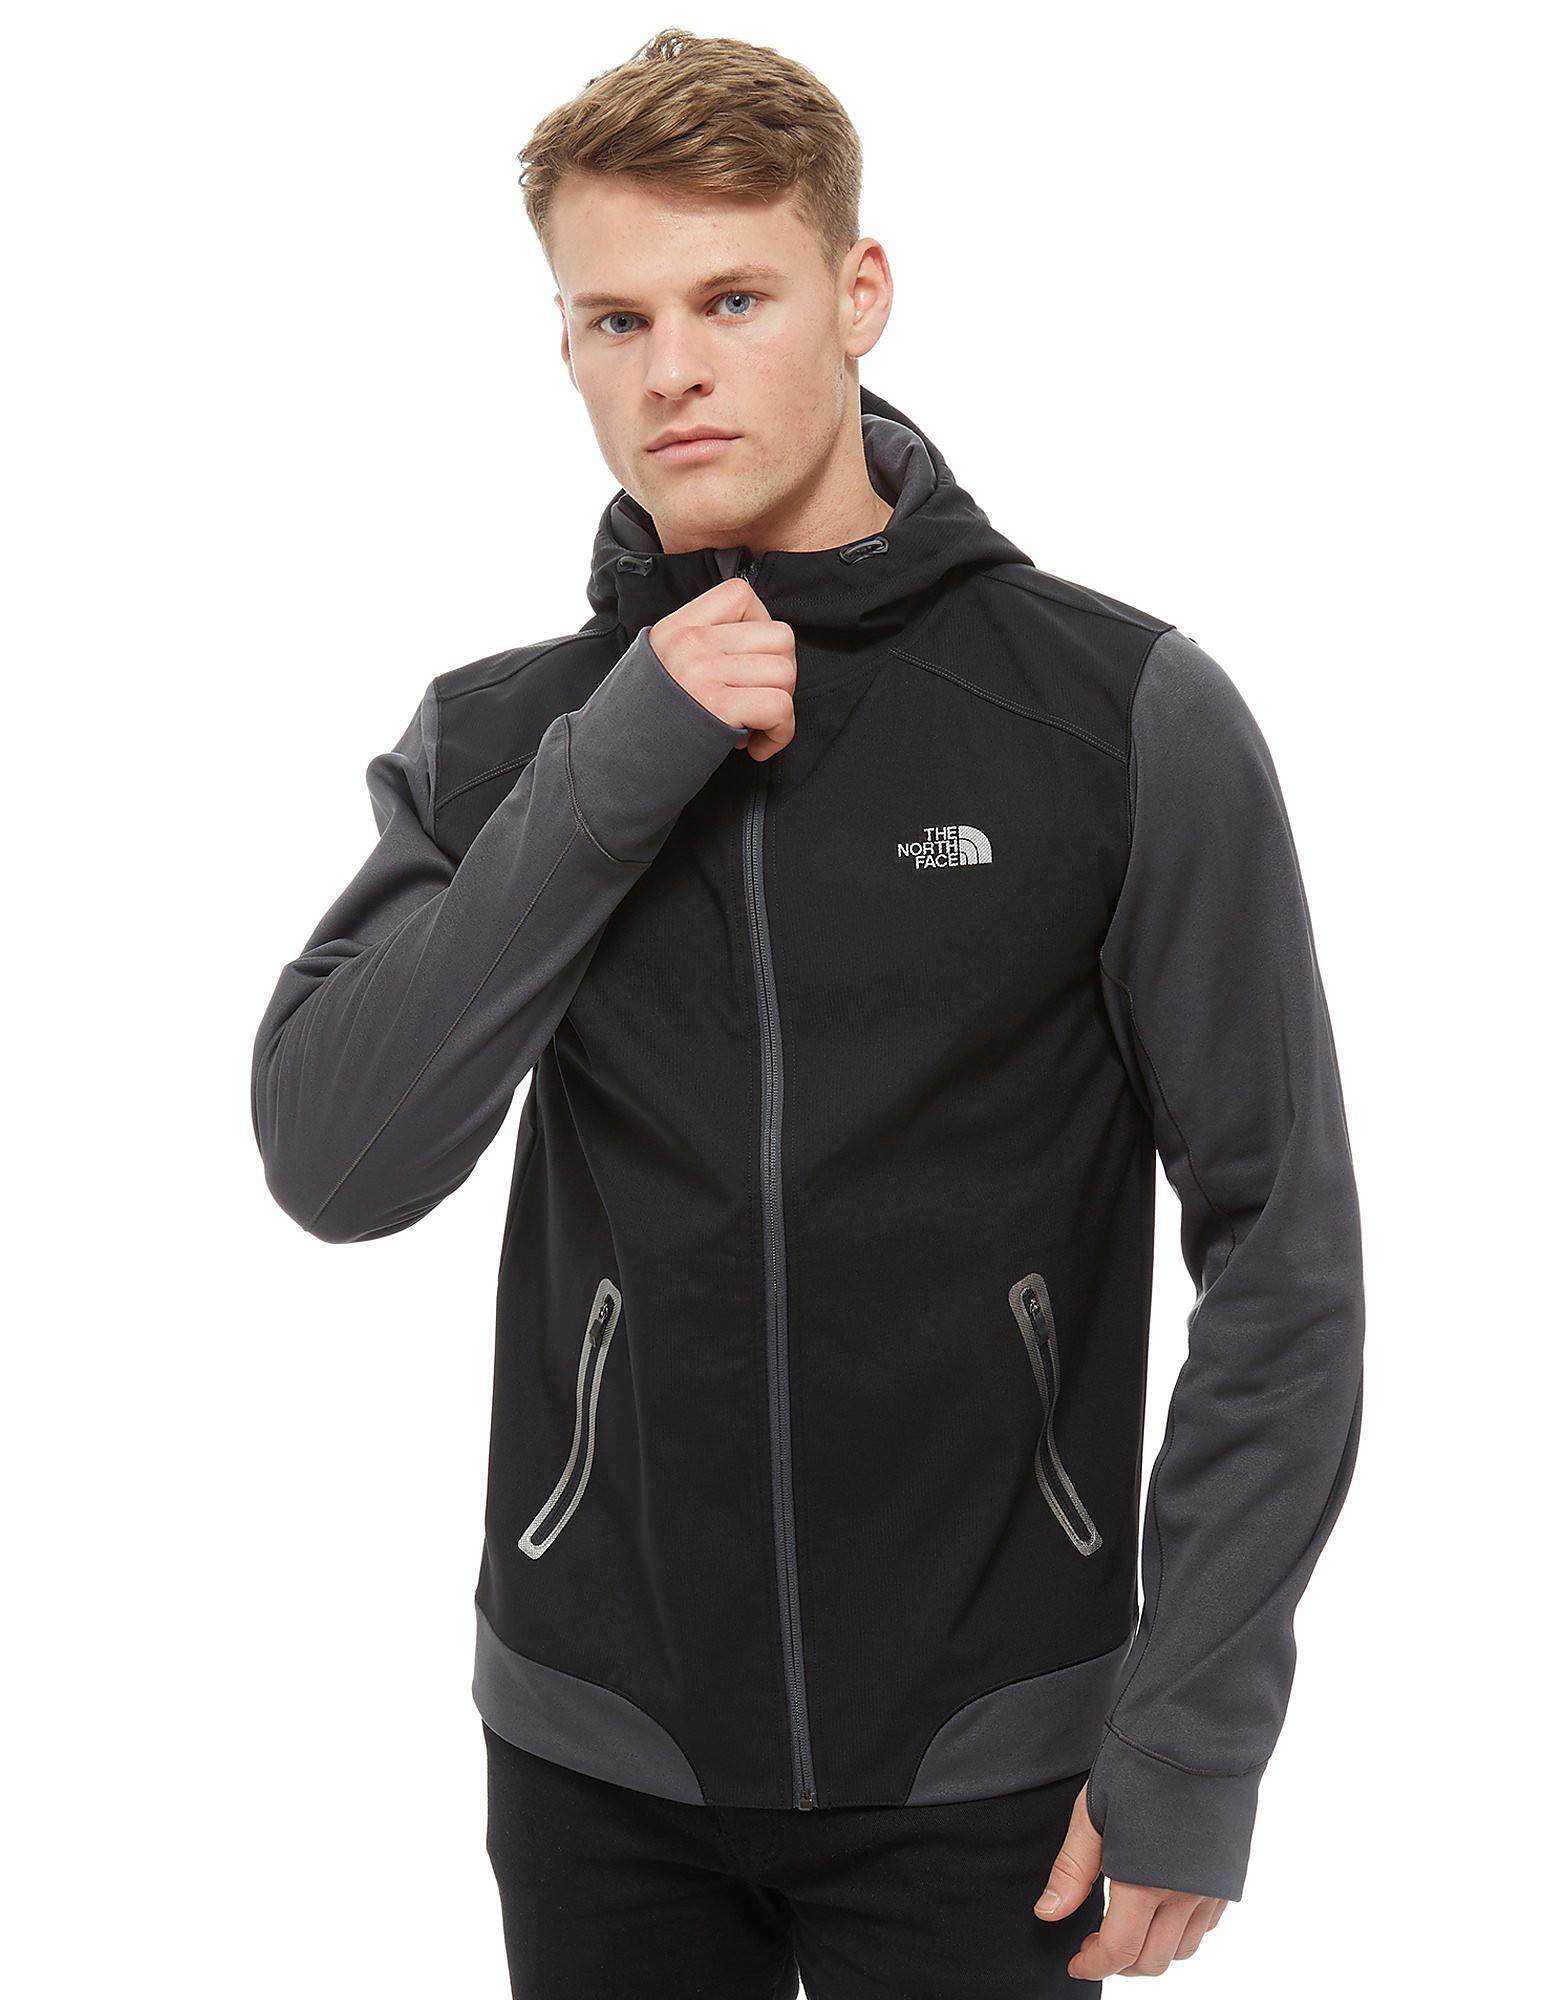 The North Face Kilowatt Varsity Jacket